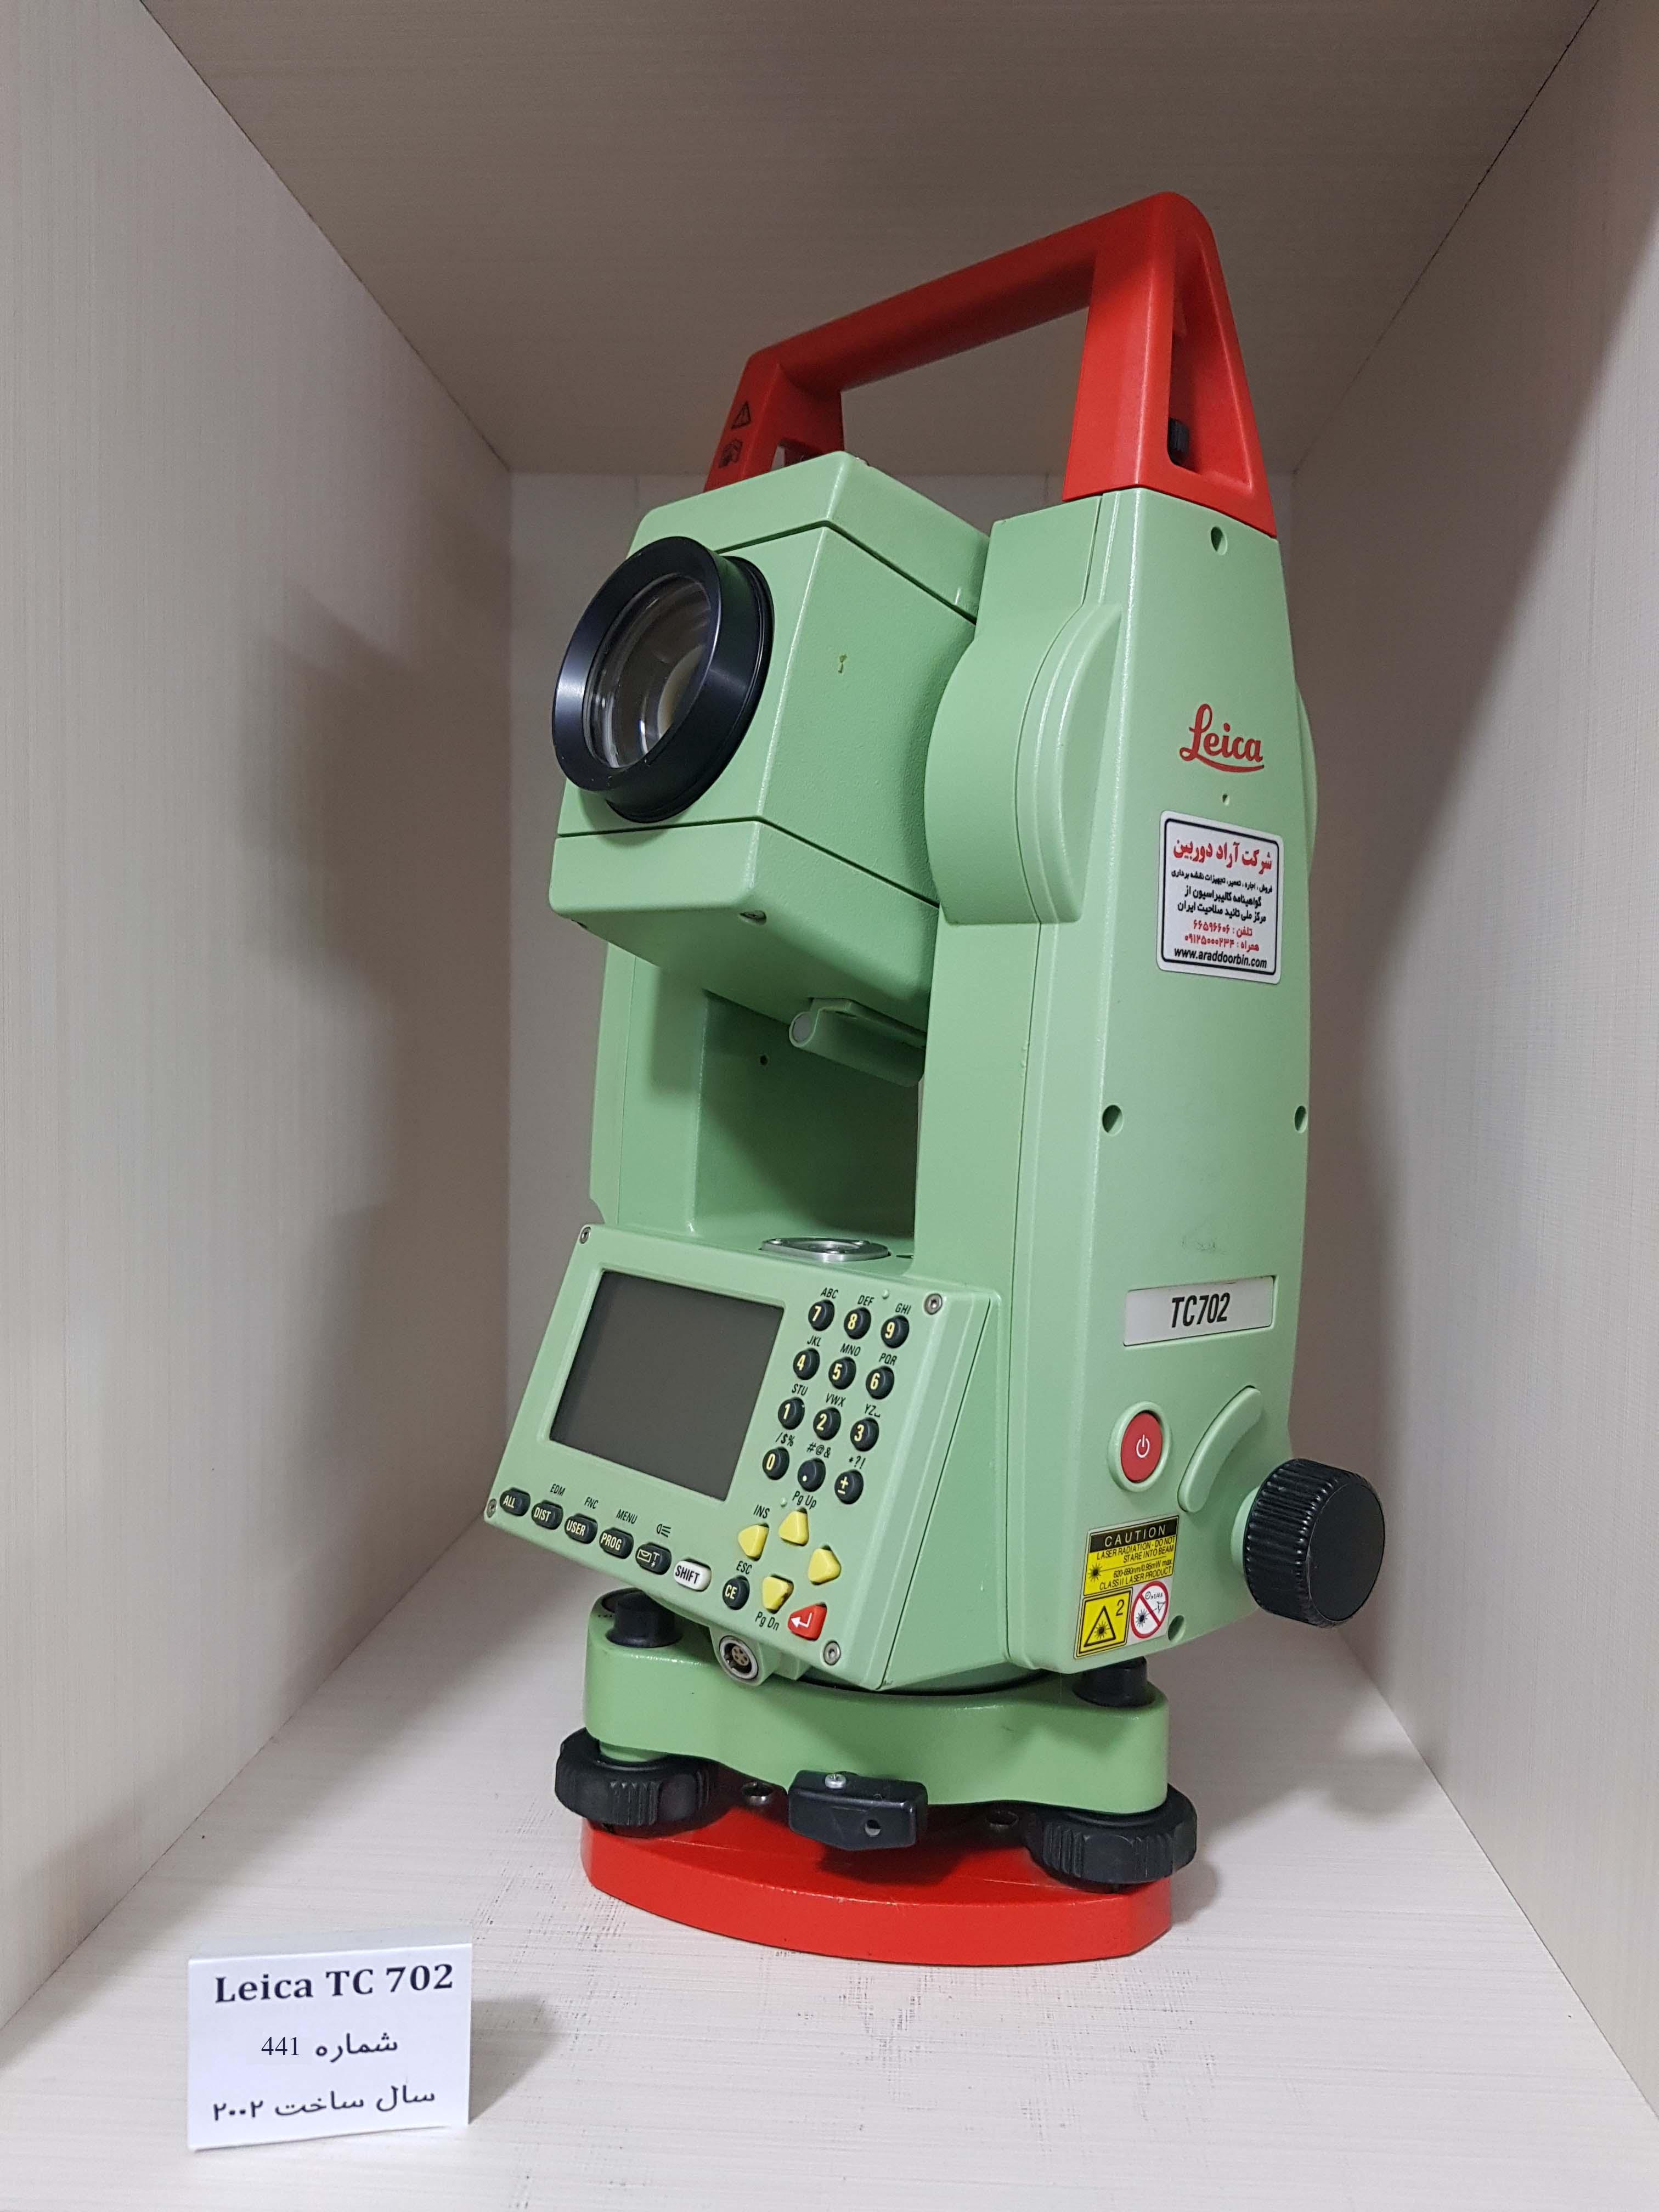 دوربین دست دوم توتال استیشن لایکا  Leica TC 702